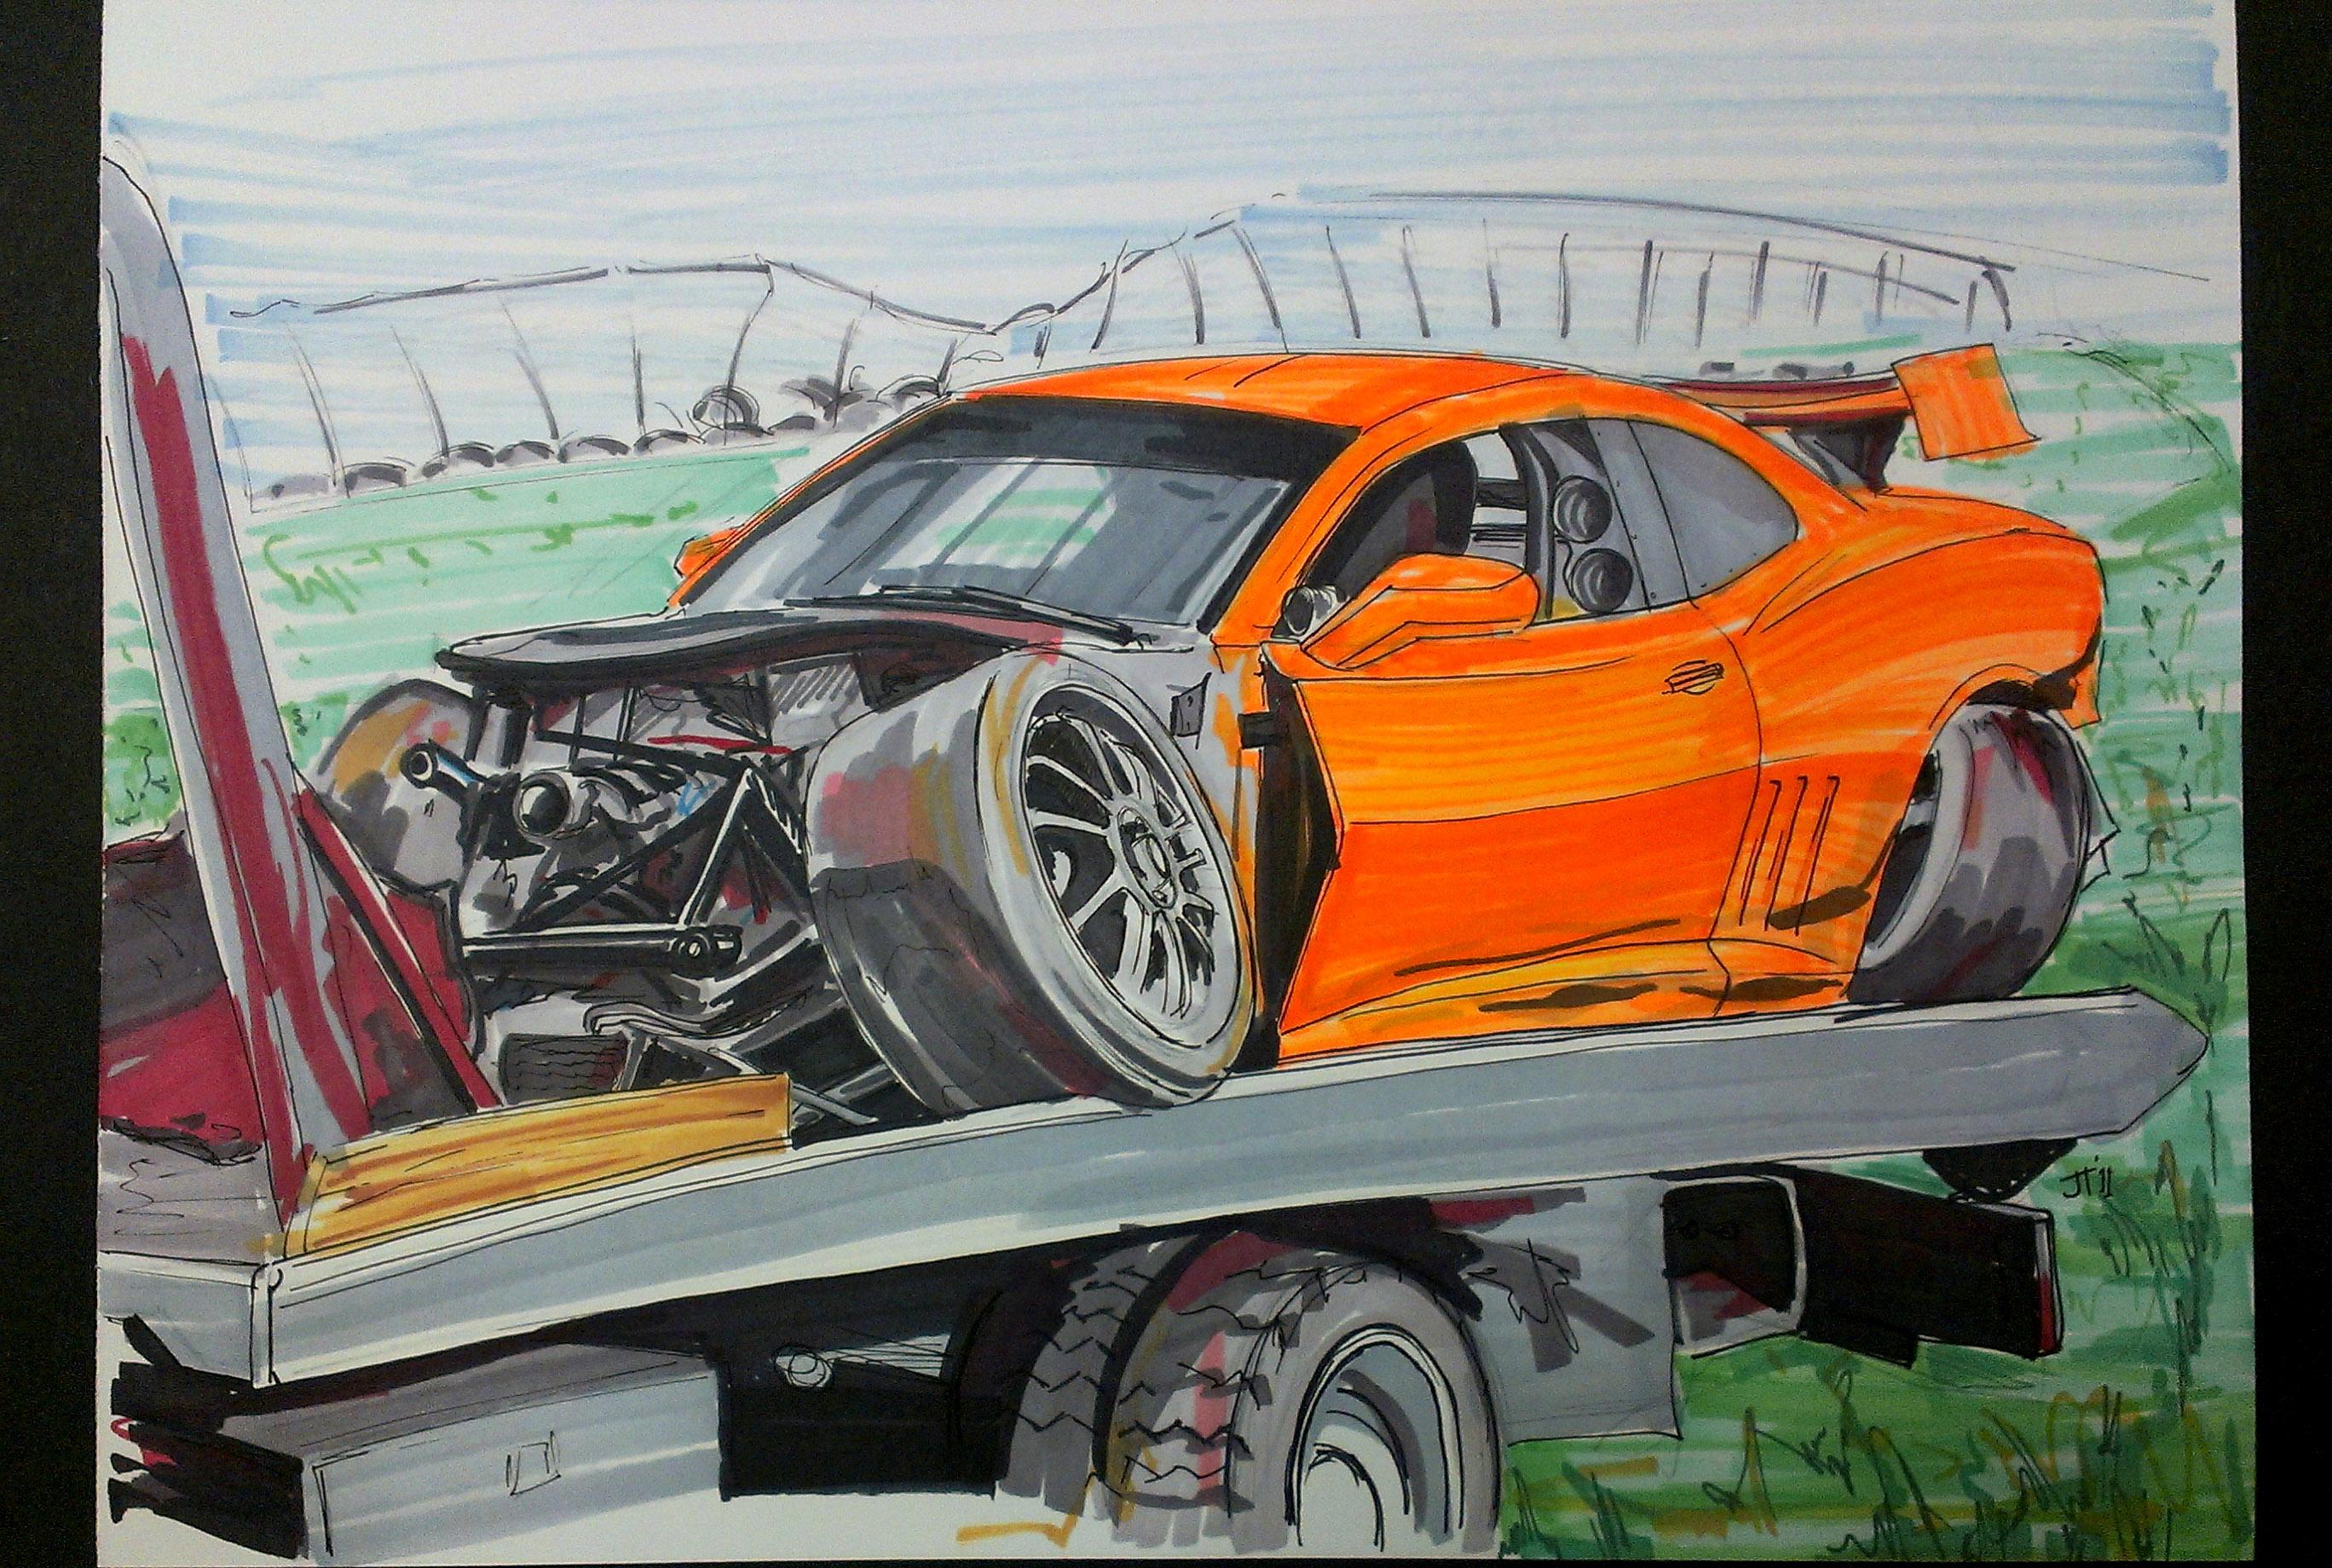 2736x1840 Crash Infamous Jims Auto Art